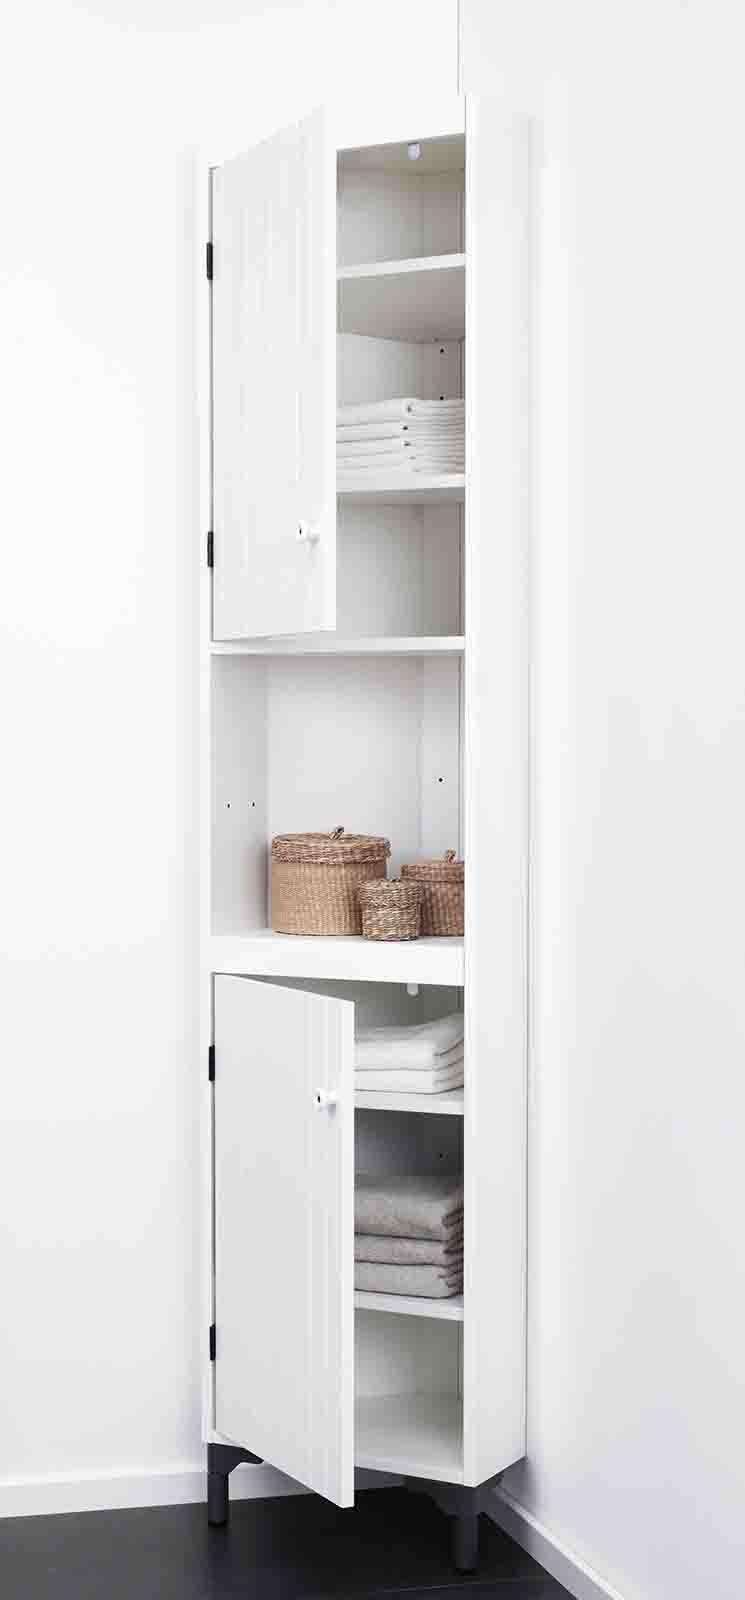 Bagno sfruttare l 39 angolo cose di casa for Ikea armadio angolare